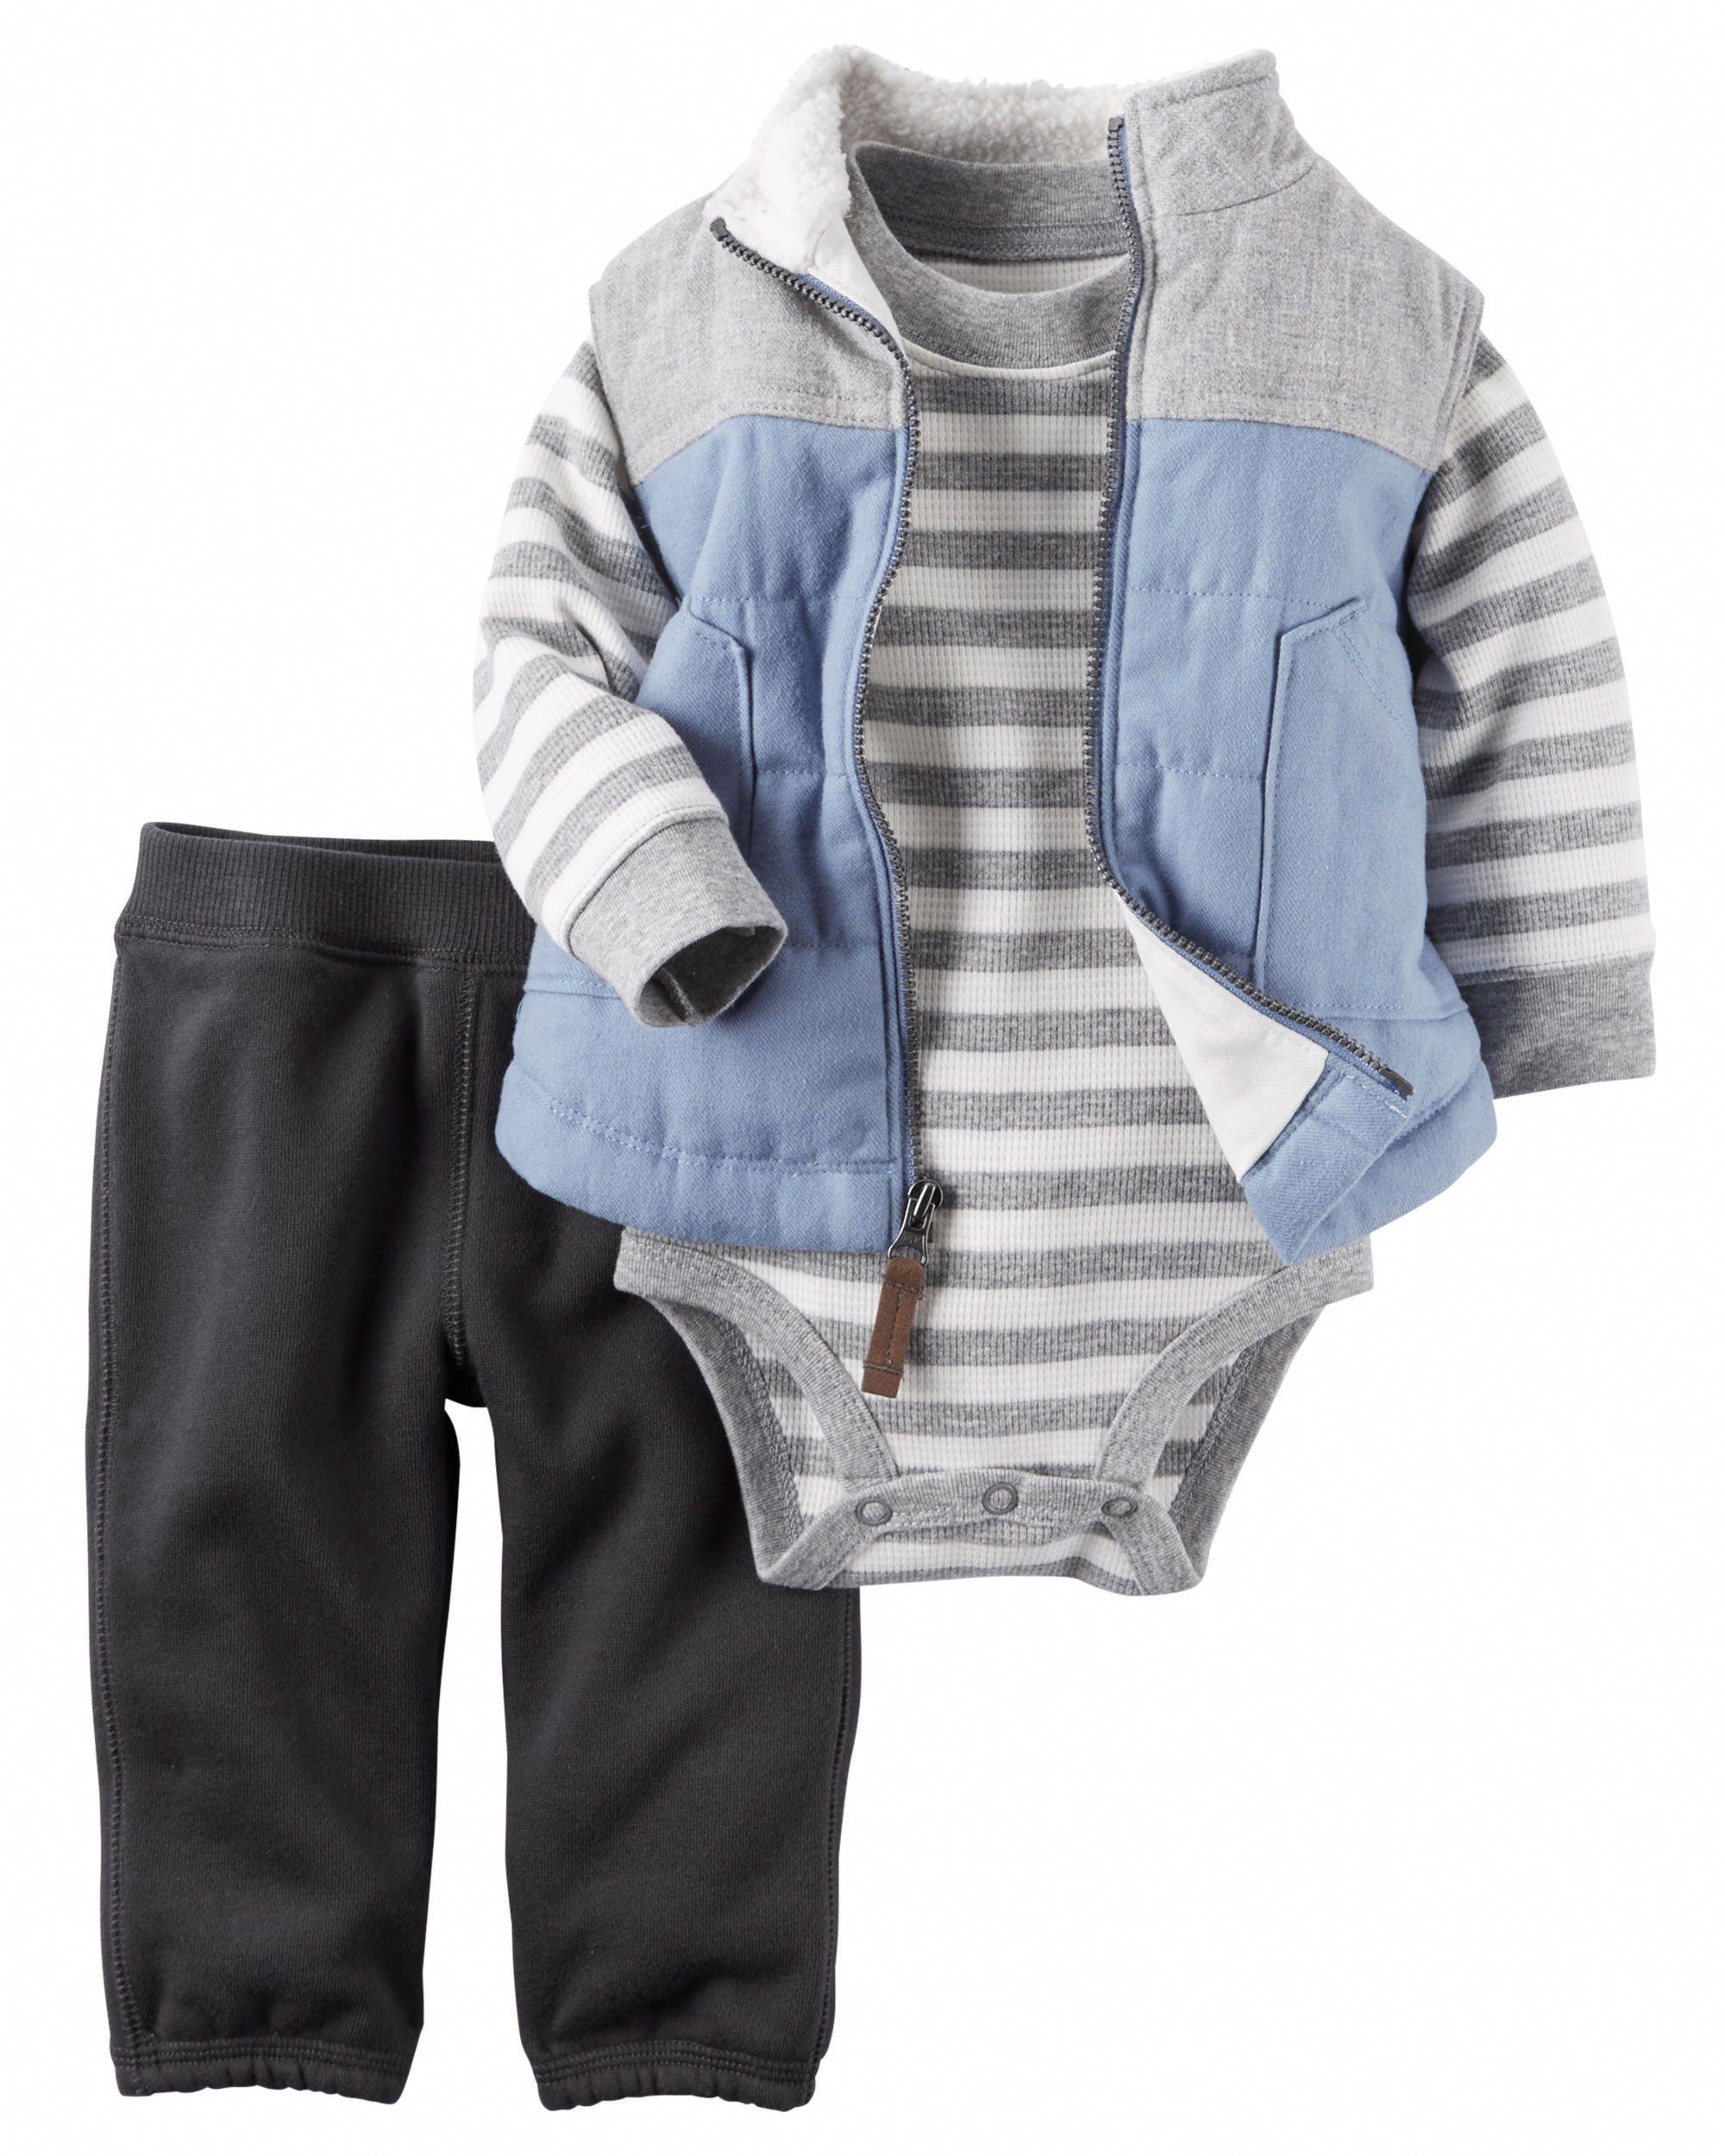 6d5a72455 Kids Clothes Online Shopping #AffordableKidsClothes #KidsShoesOutlet ...